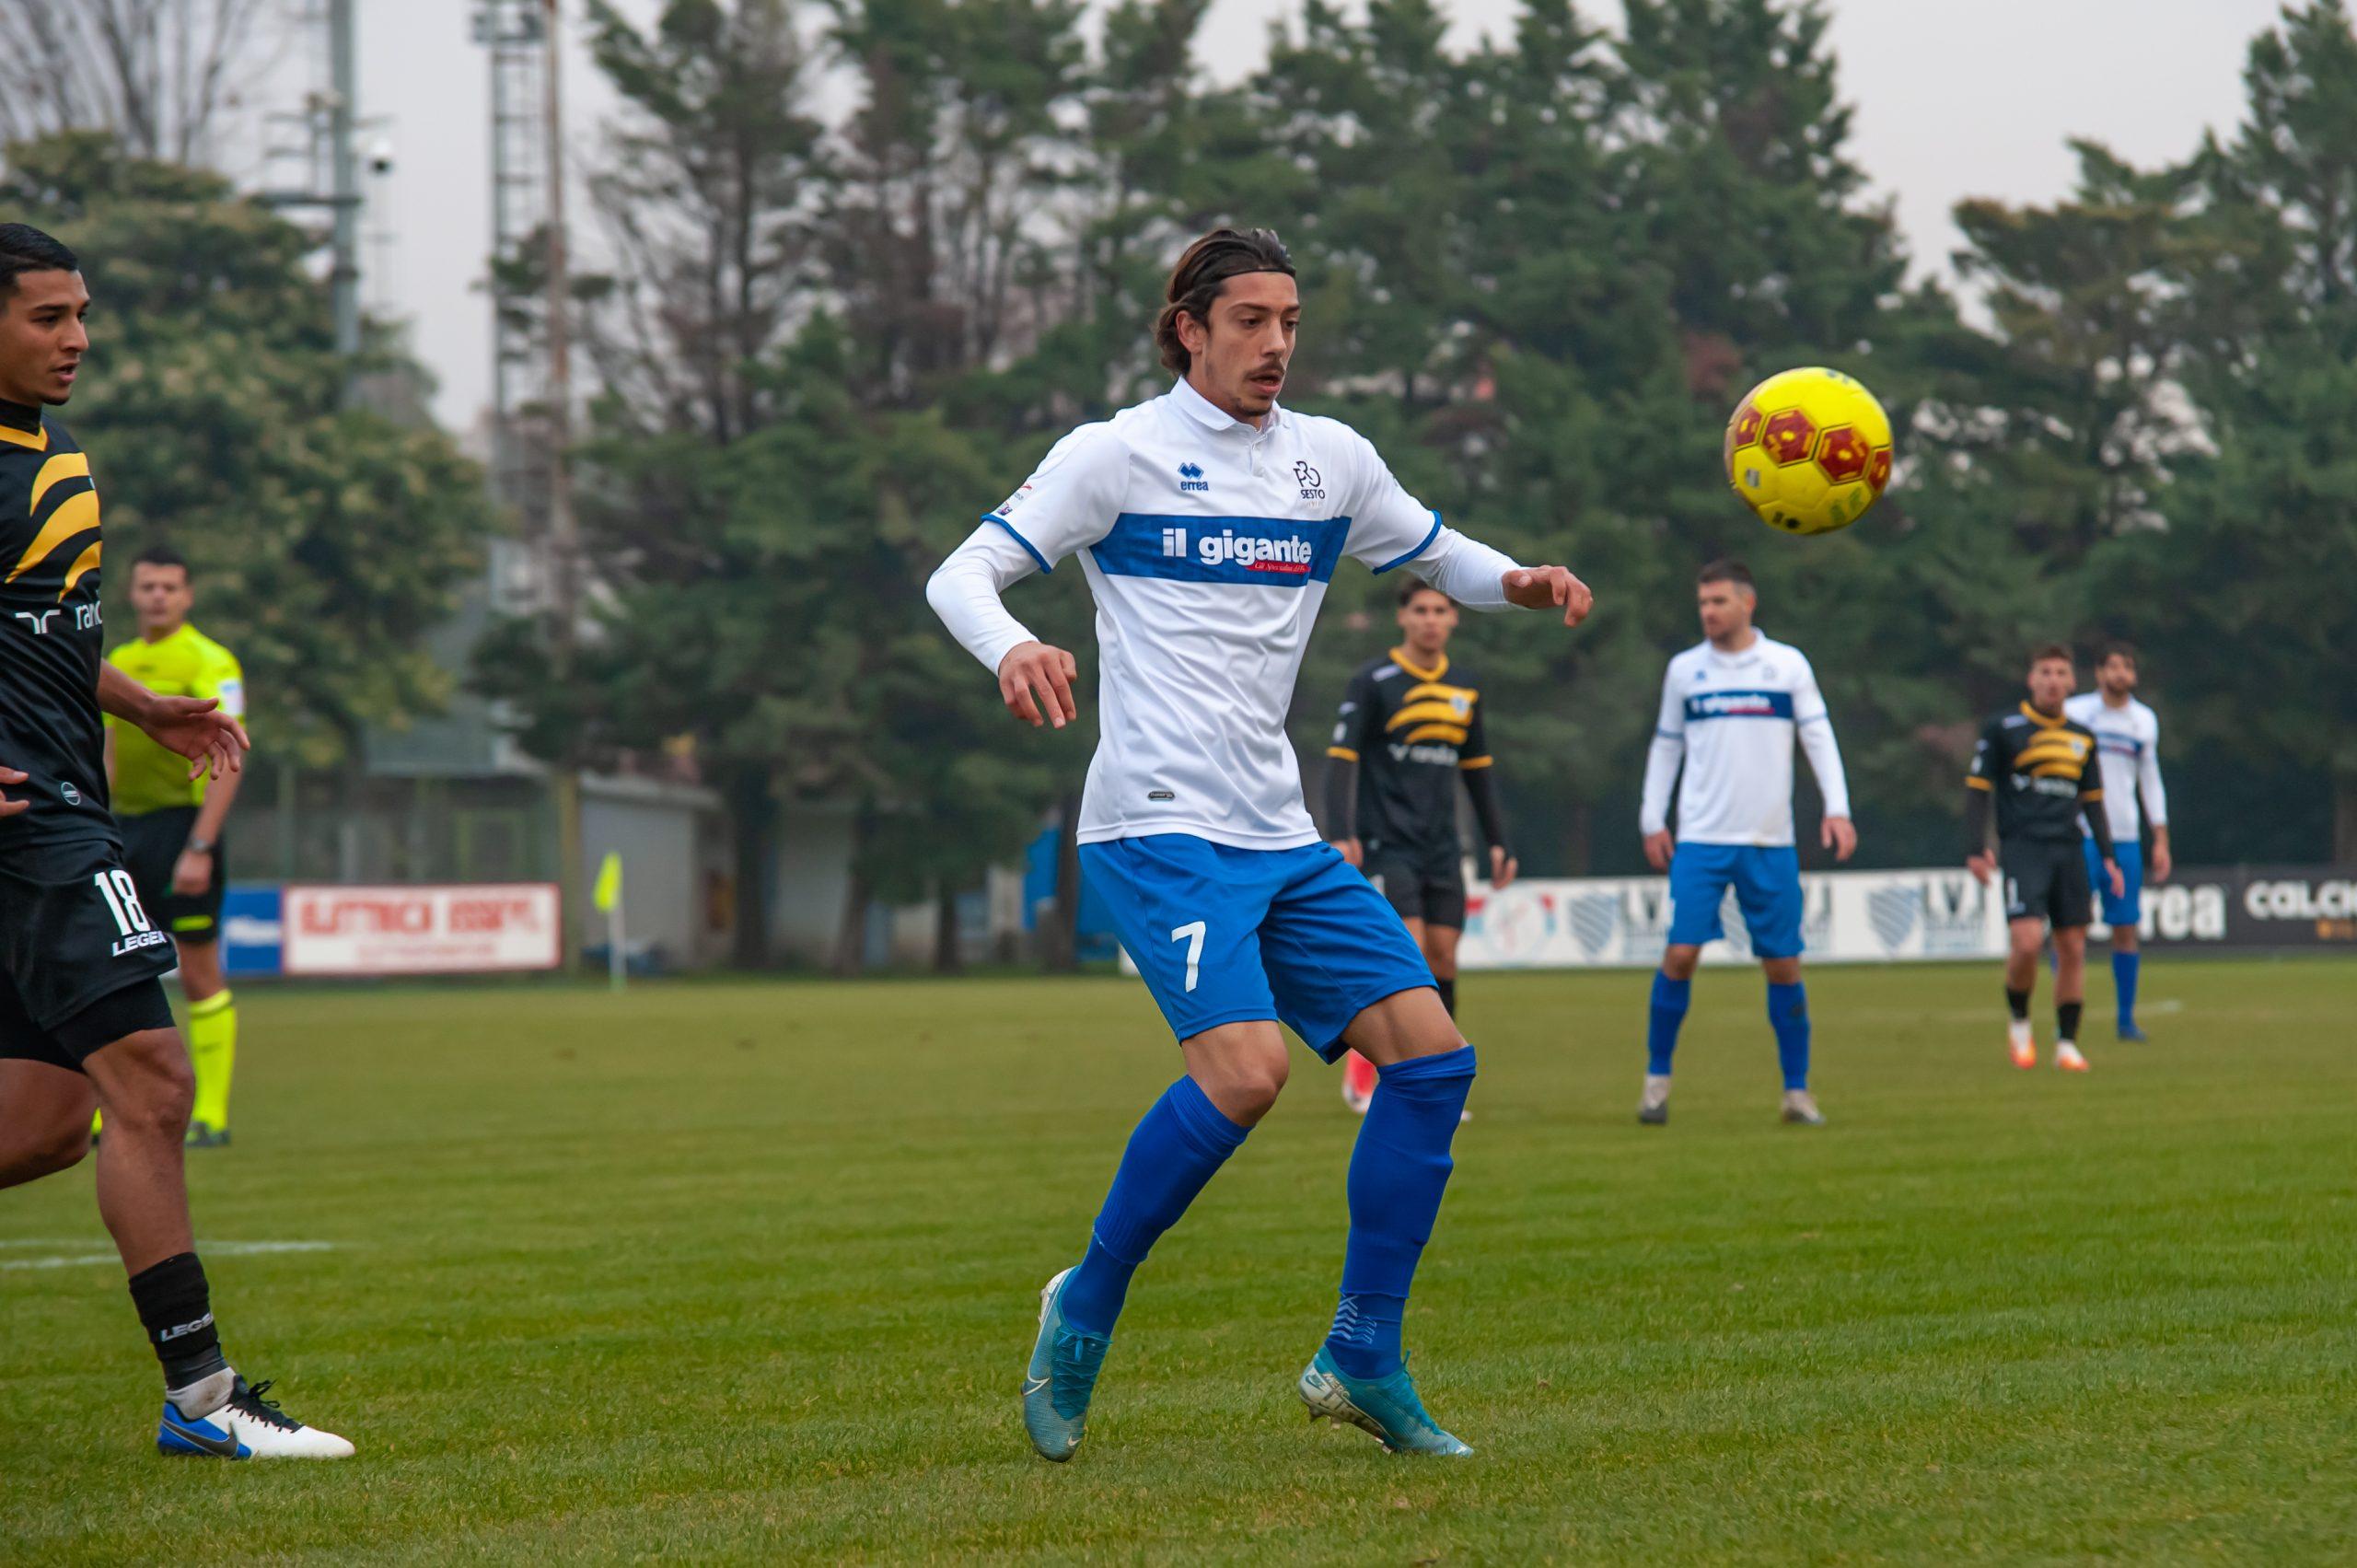 Ufficiale: Luca Palesi a titolo definitivo all'Olbia